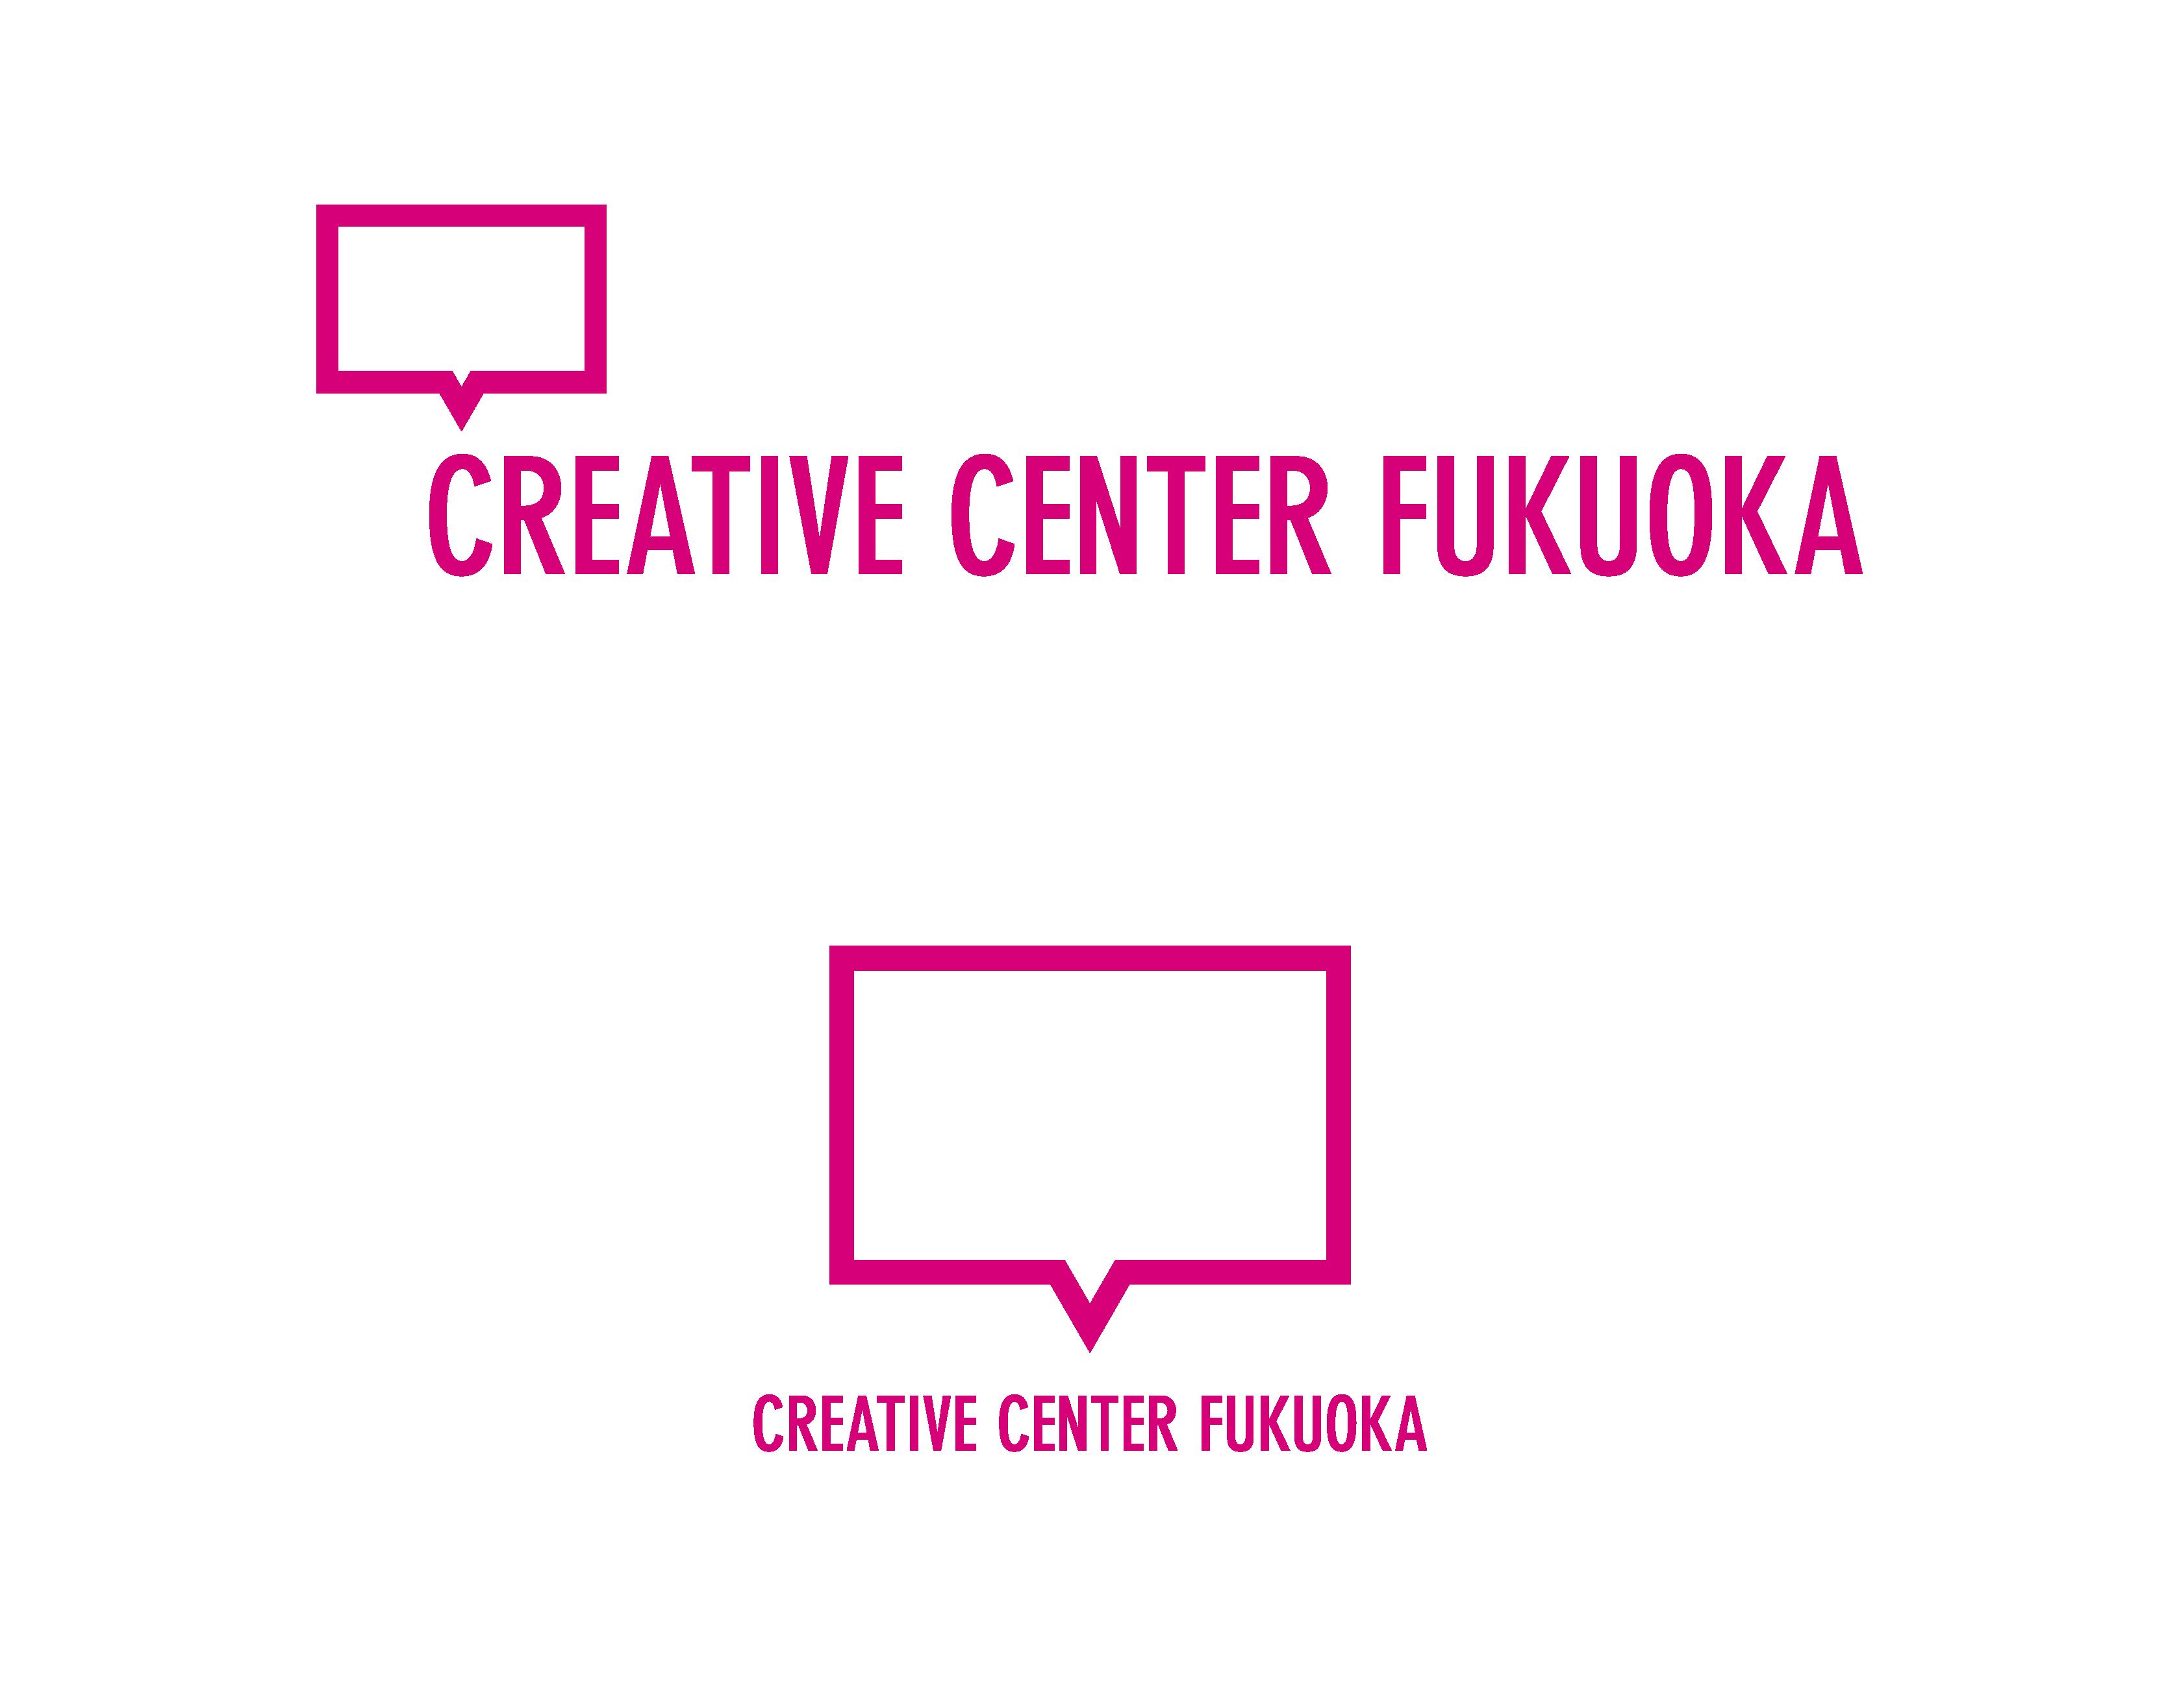 クリエイティブセンター福岡様のロゴ、名刺、ツールの制作をさせて頂きました。